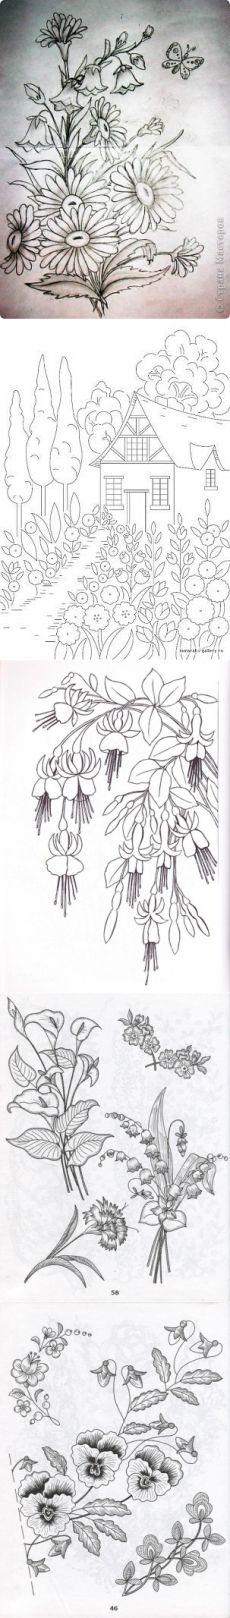 Схемы для вышивки лентами. / Вышивка / Вышивка лентами